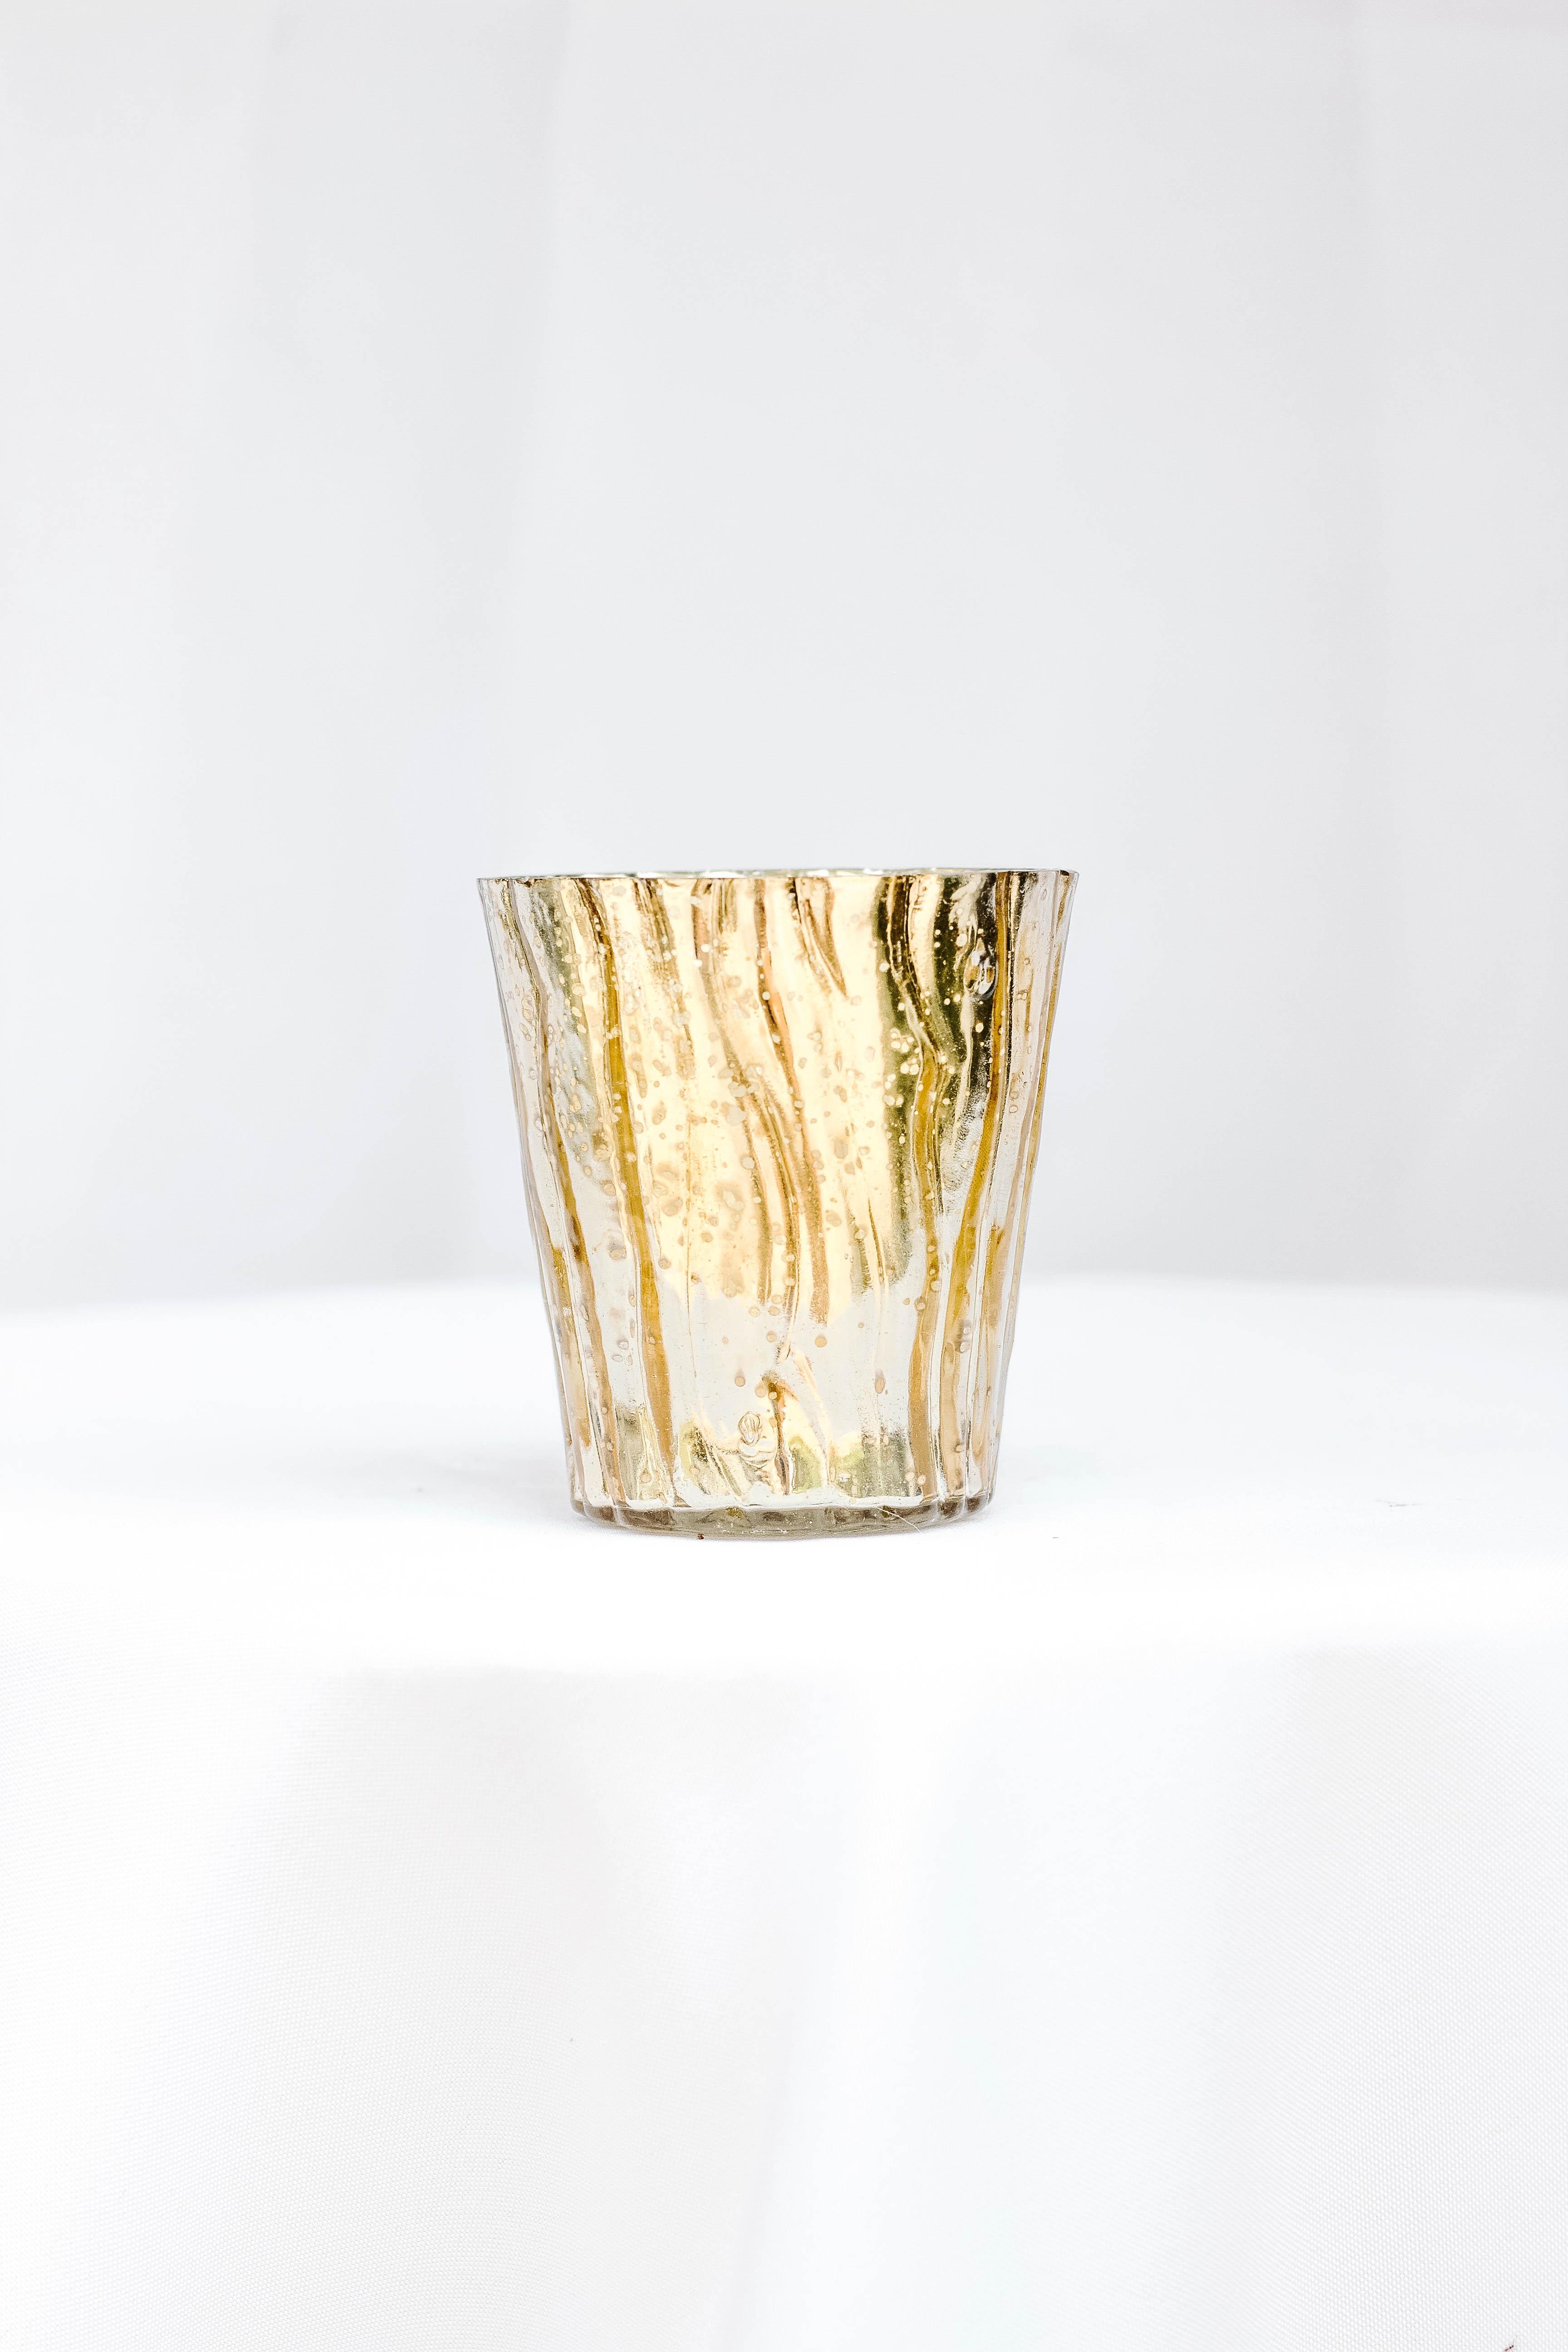 Small Wavy Gold Vase